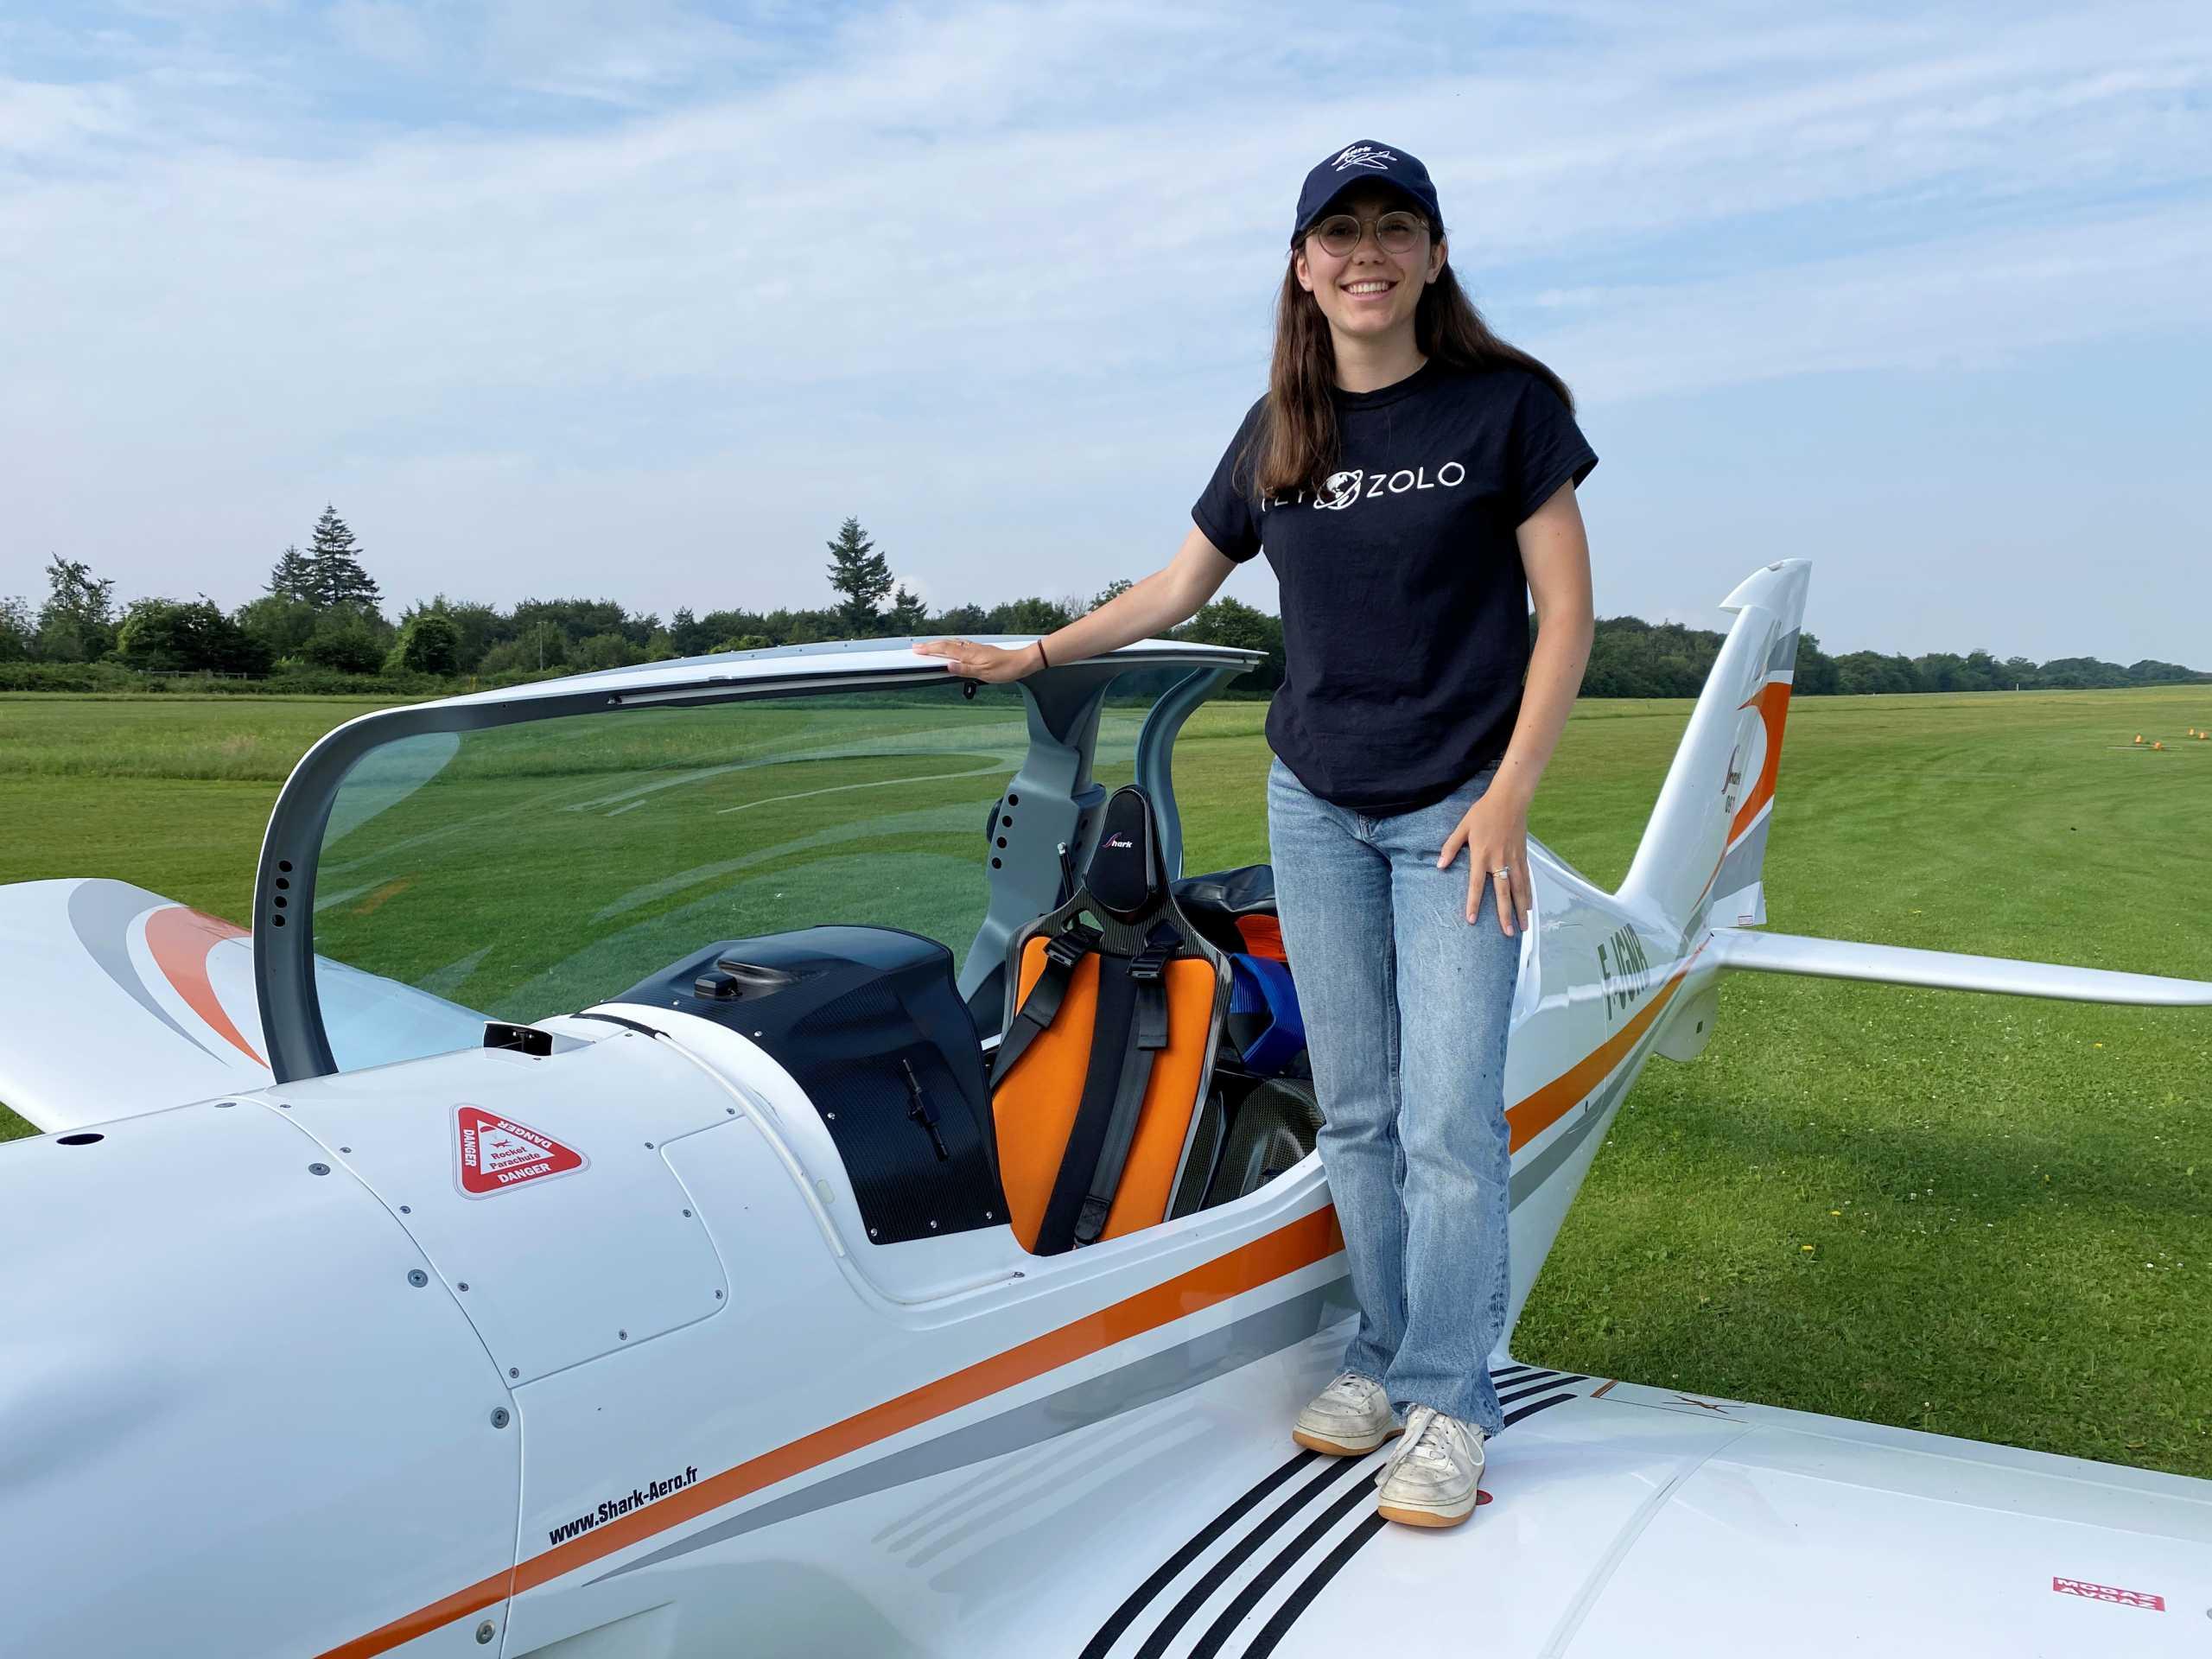 Αυτή είναι η 19χρονη που θέλει να γίνει η νεότερη γυναίκα στον κόσμο που θα έχει πετάξει μόνη με αεροσκάφος